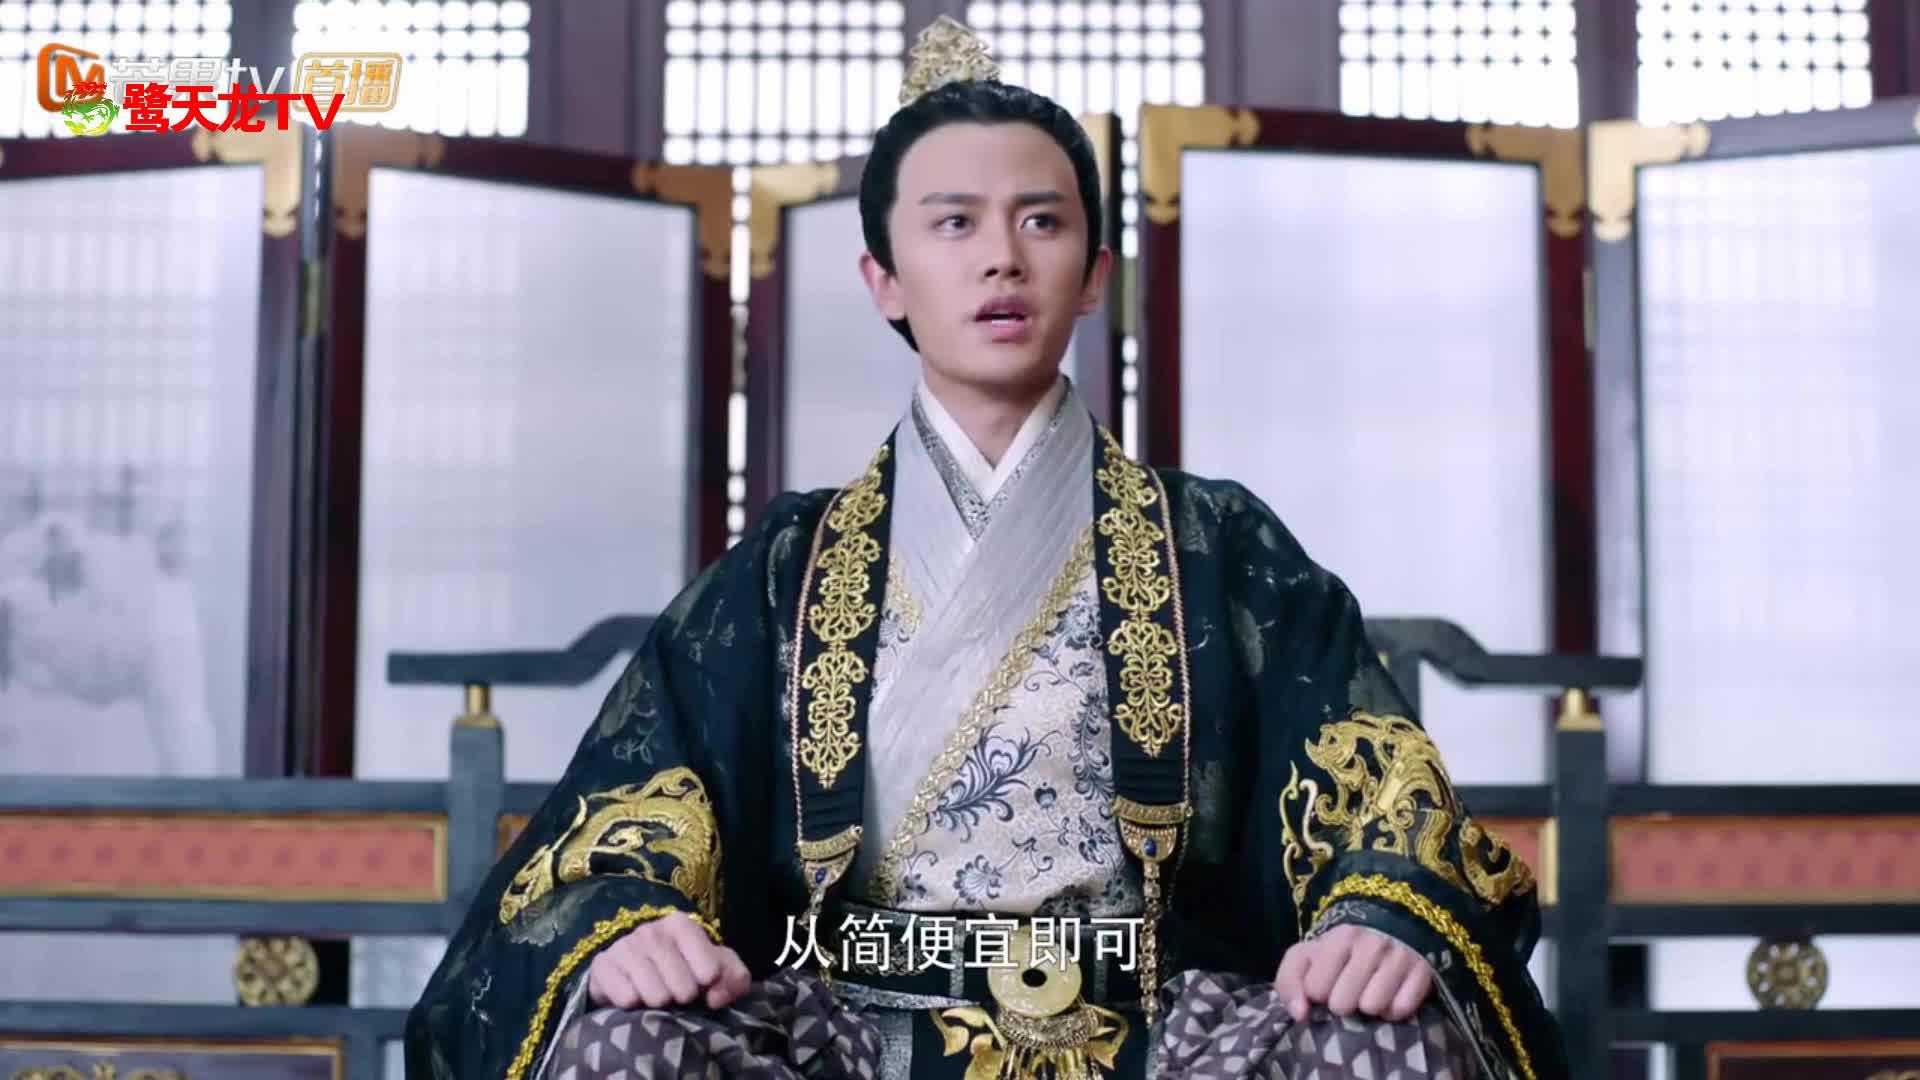 皇帝也无奈!李俶欲封珍珠为后遭群臣反对